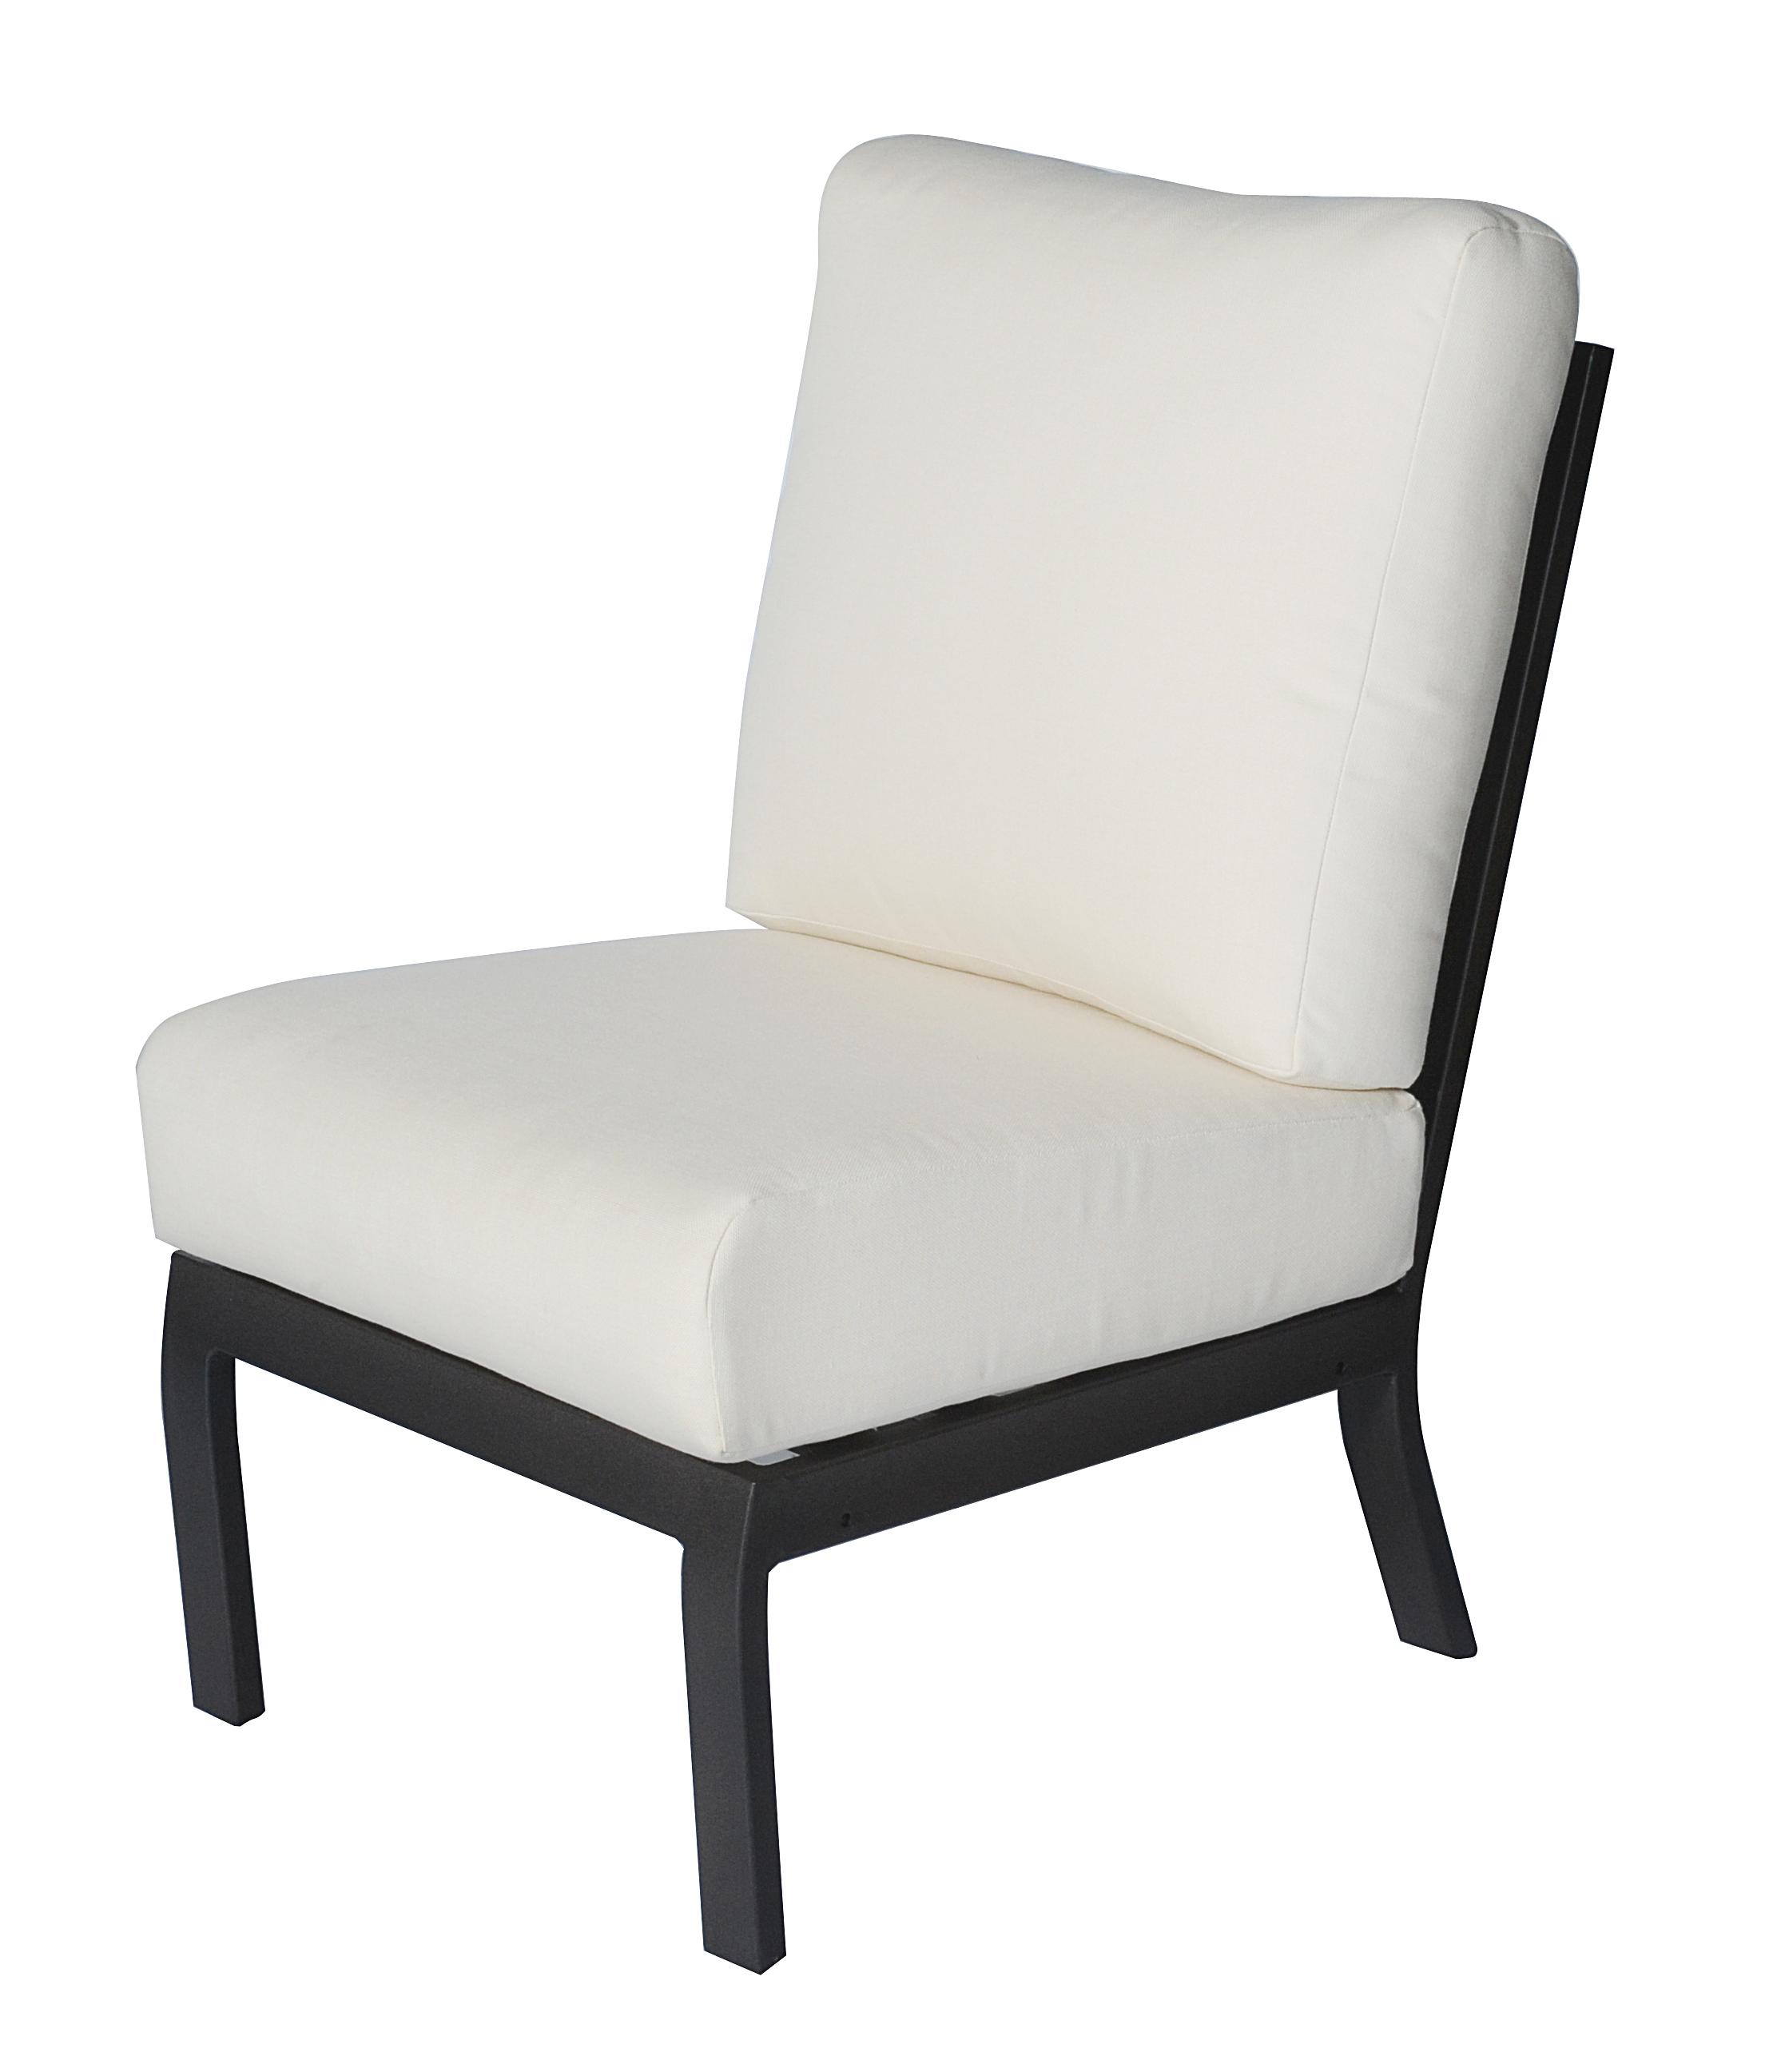 Verona Armless Sectional Chair